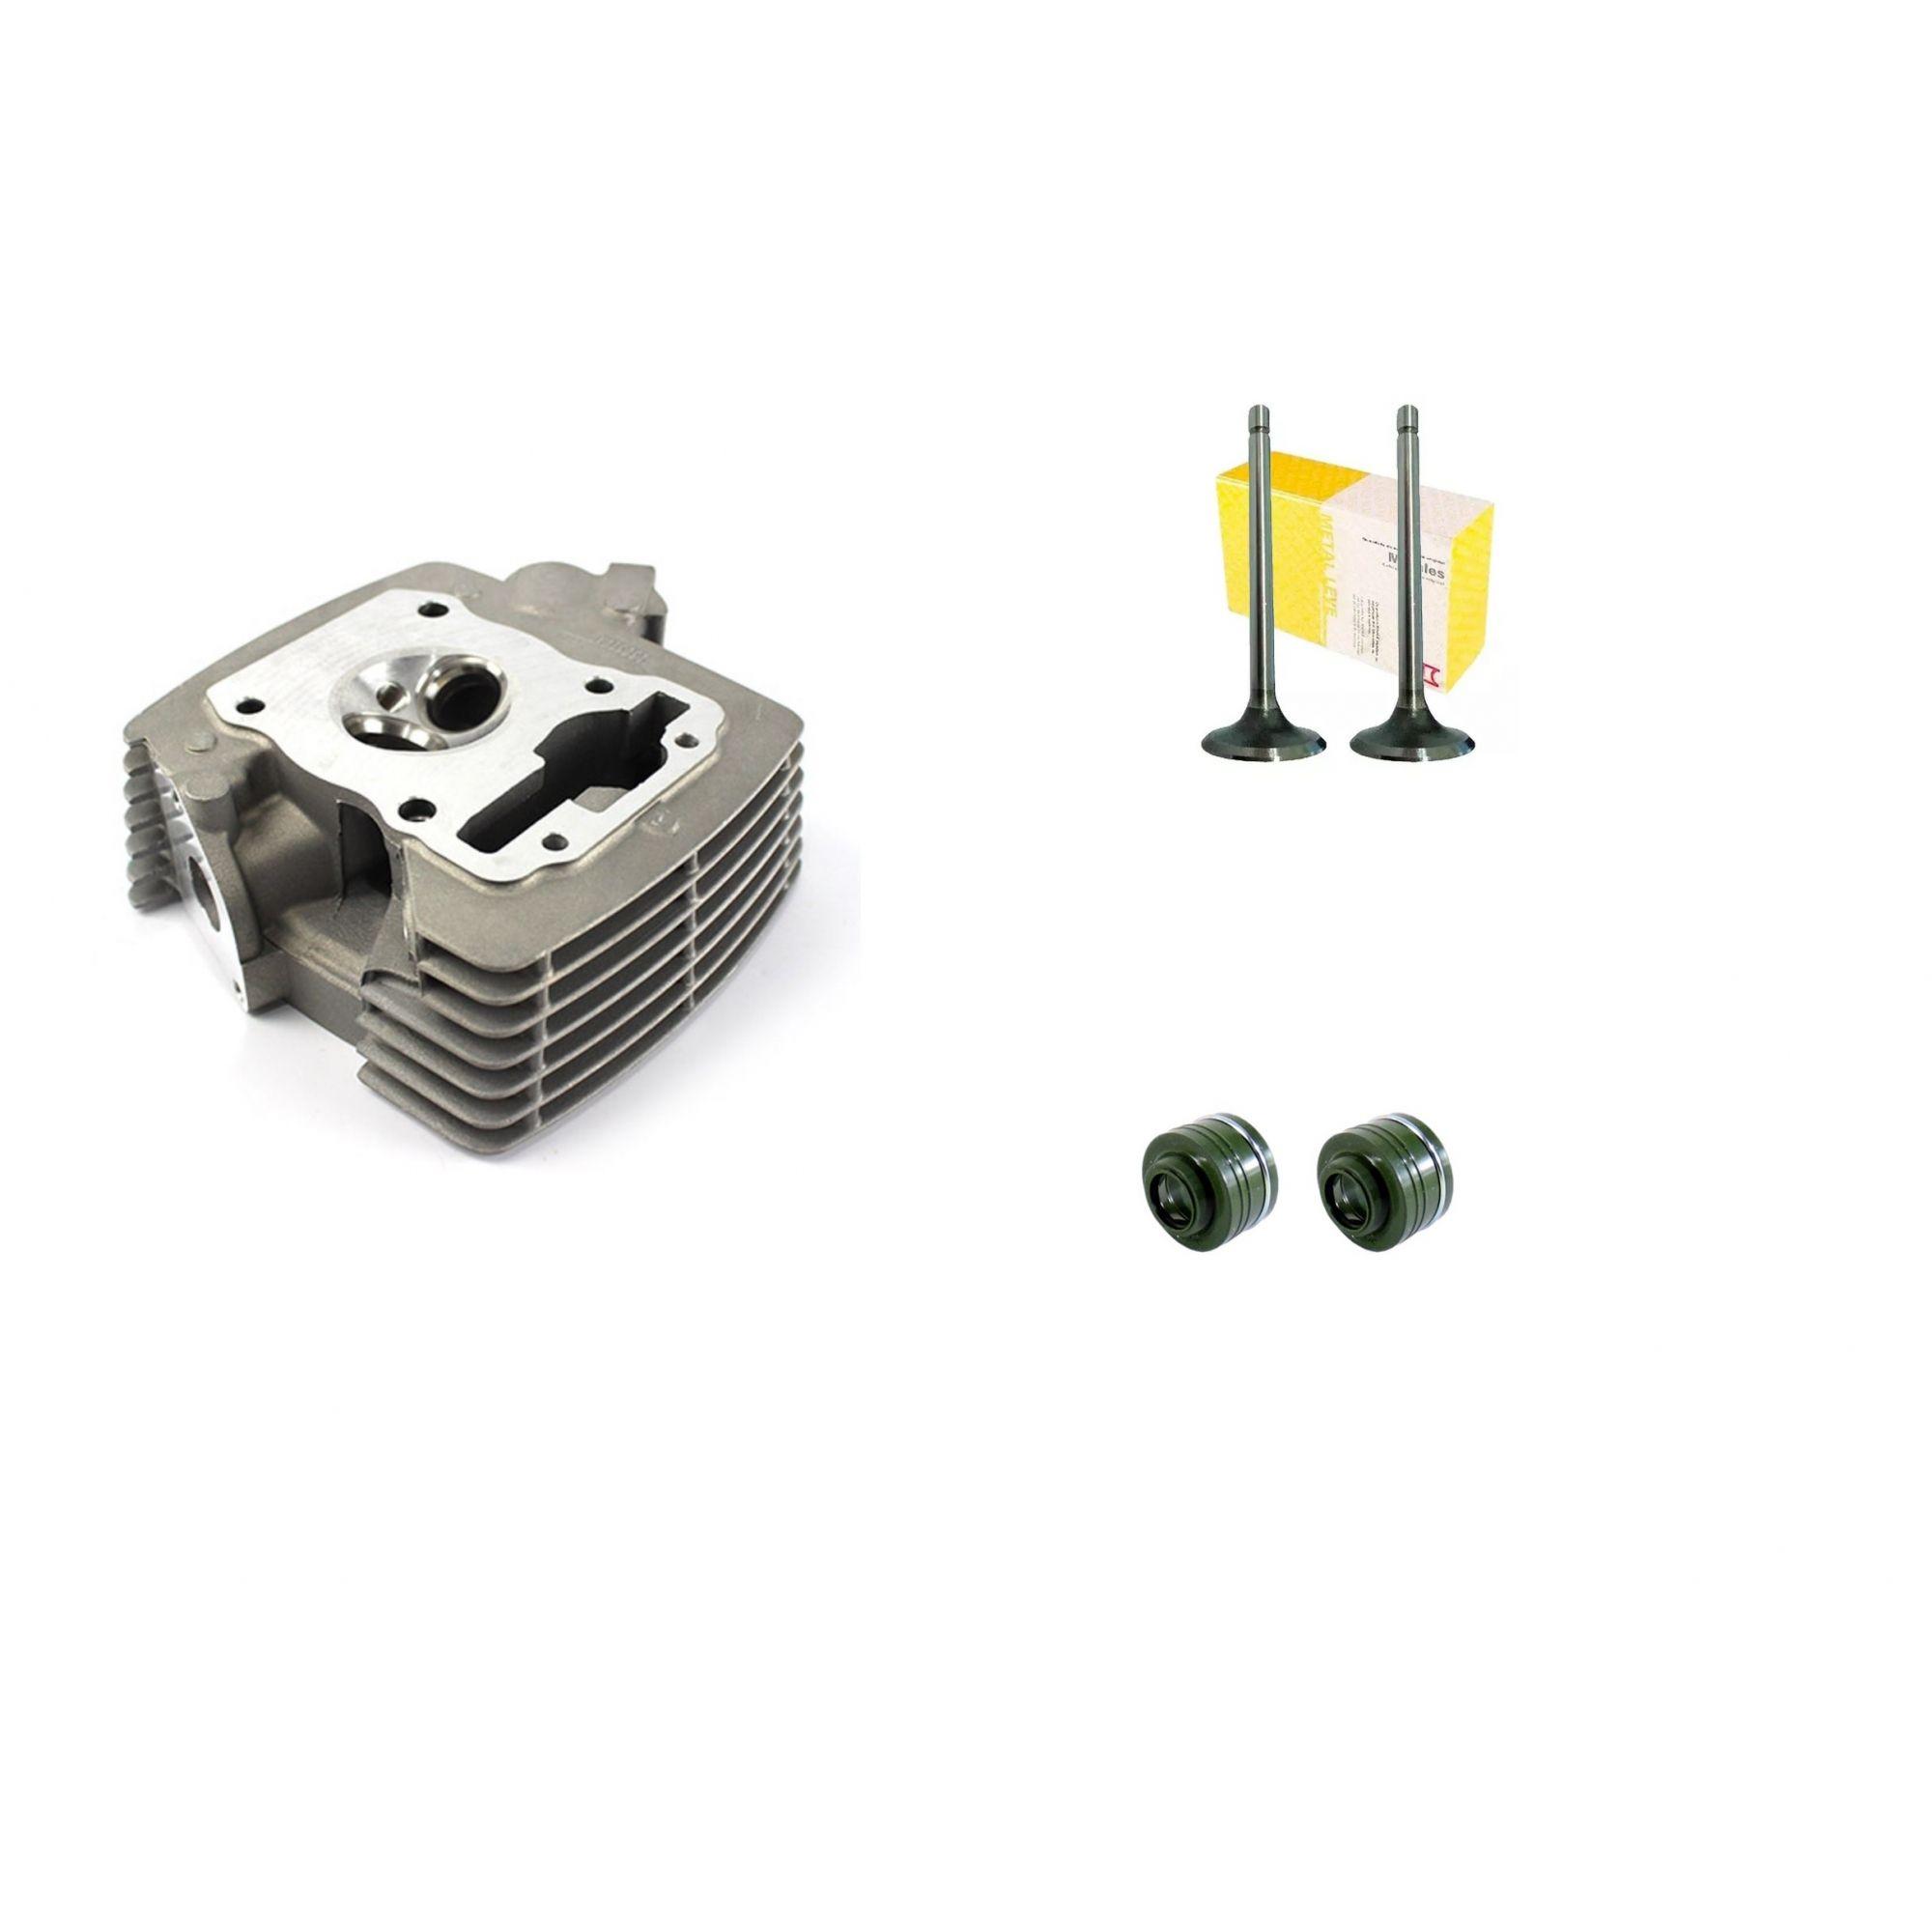 Cabeçote + Valvulas + Retentor Titan 150 Fan 150 2009 a 2015